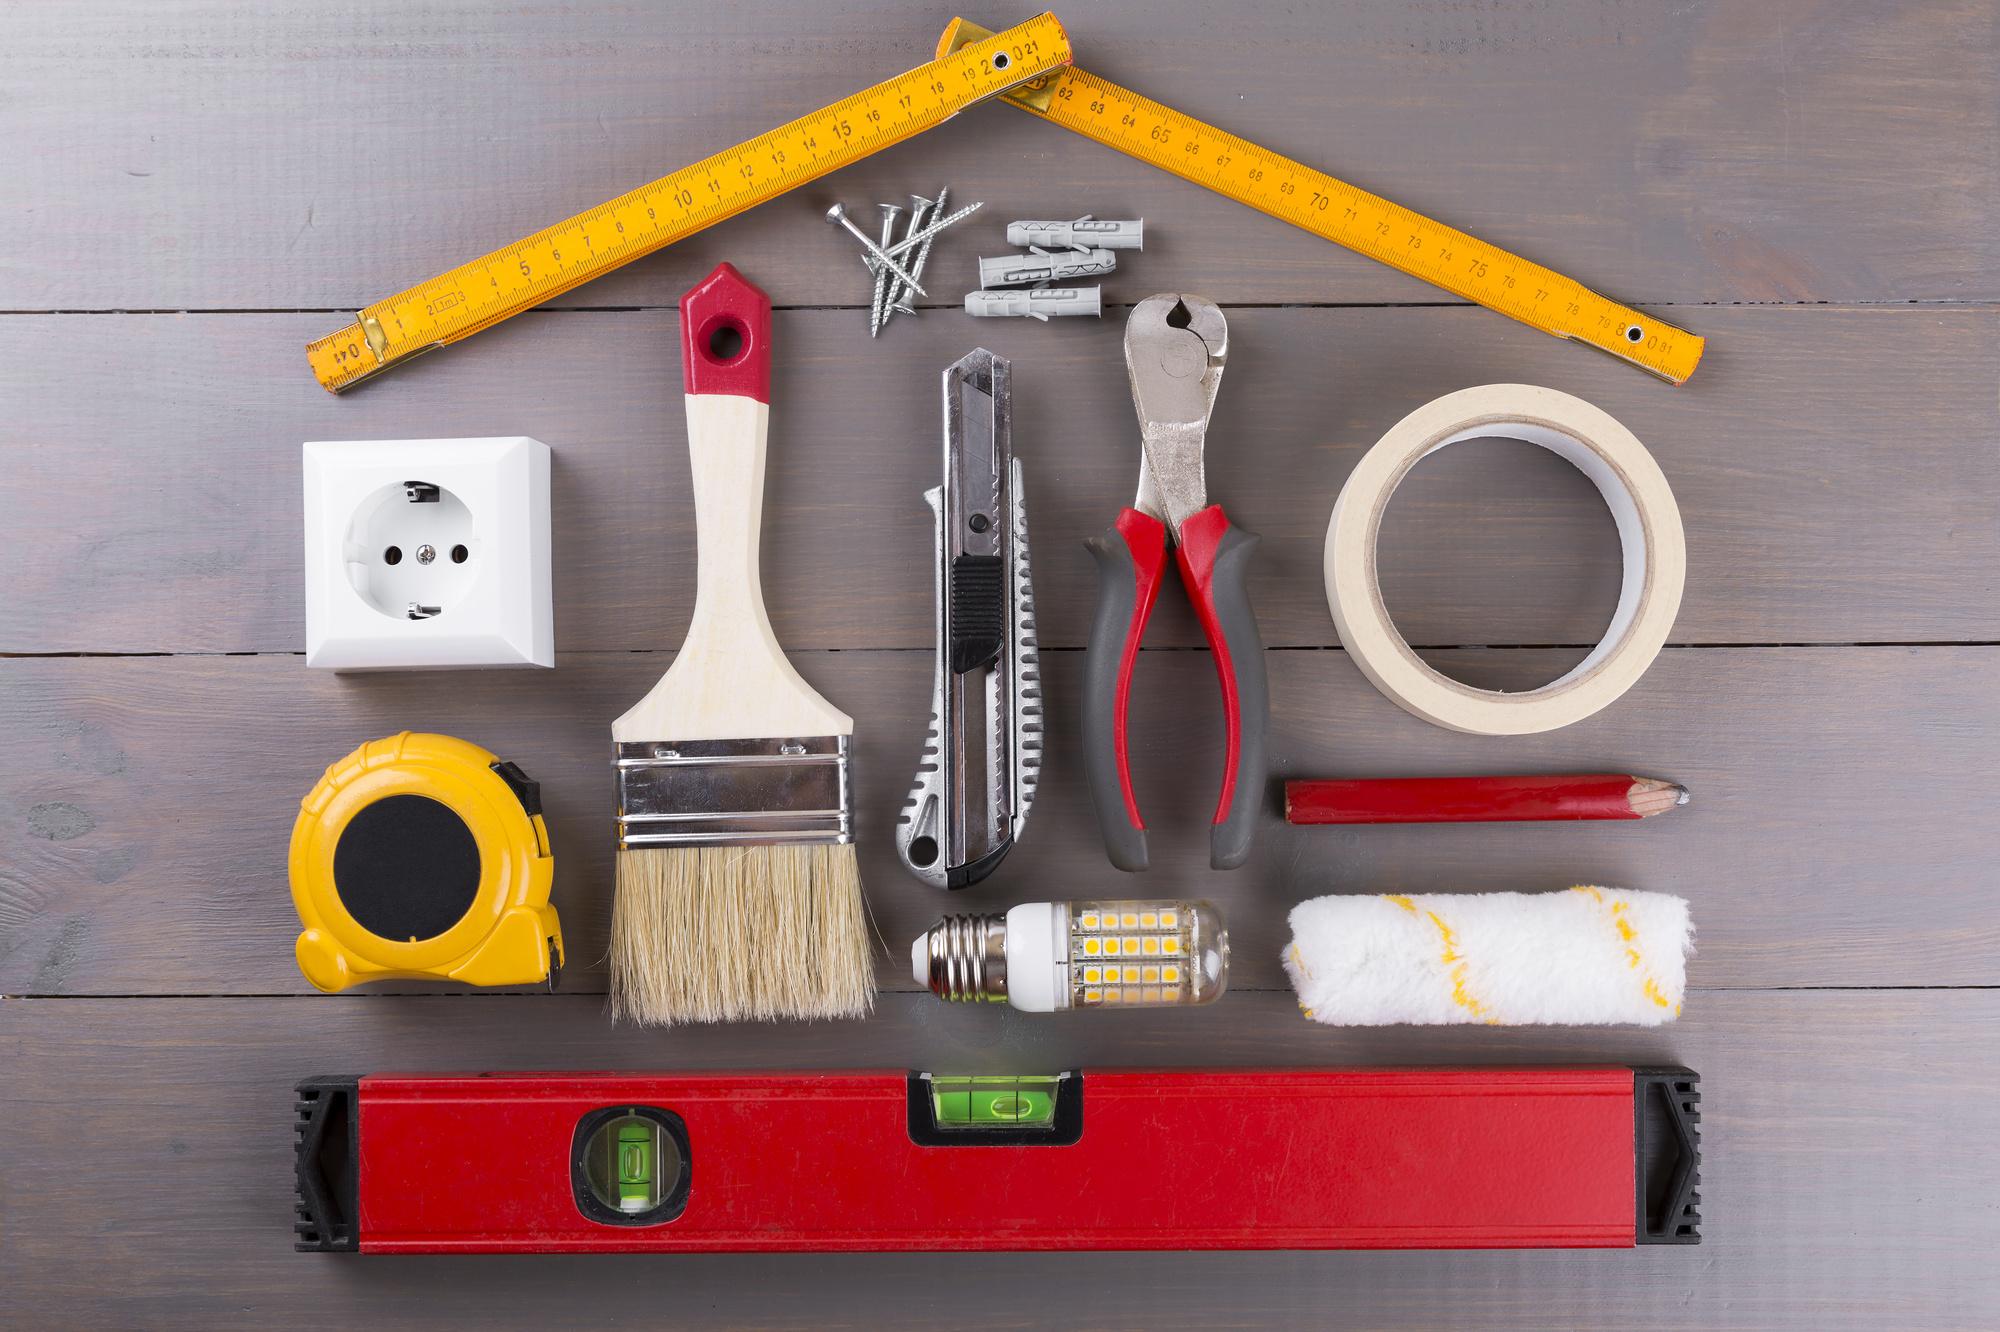 Картинка строительных инструментов и материалов